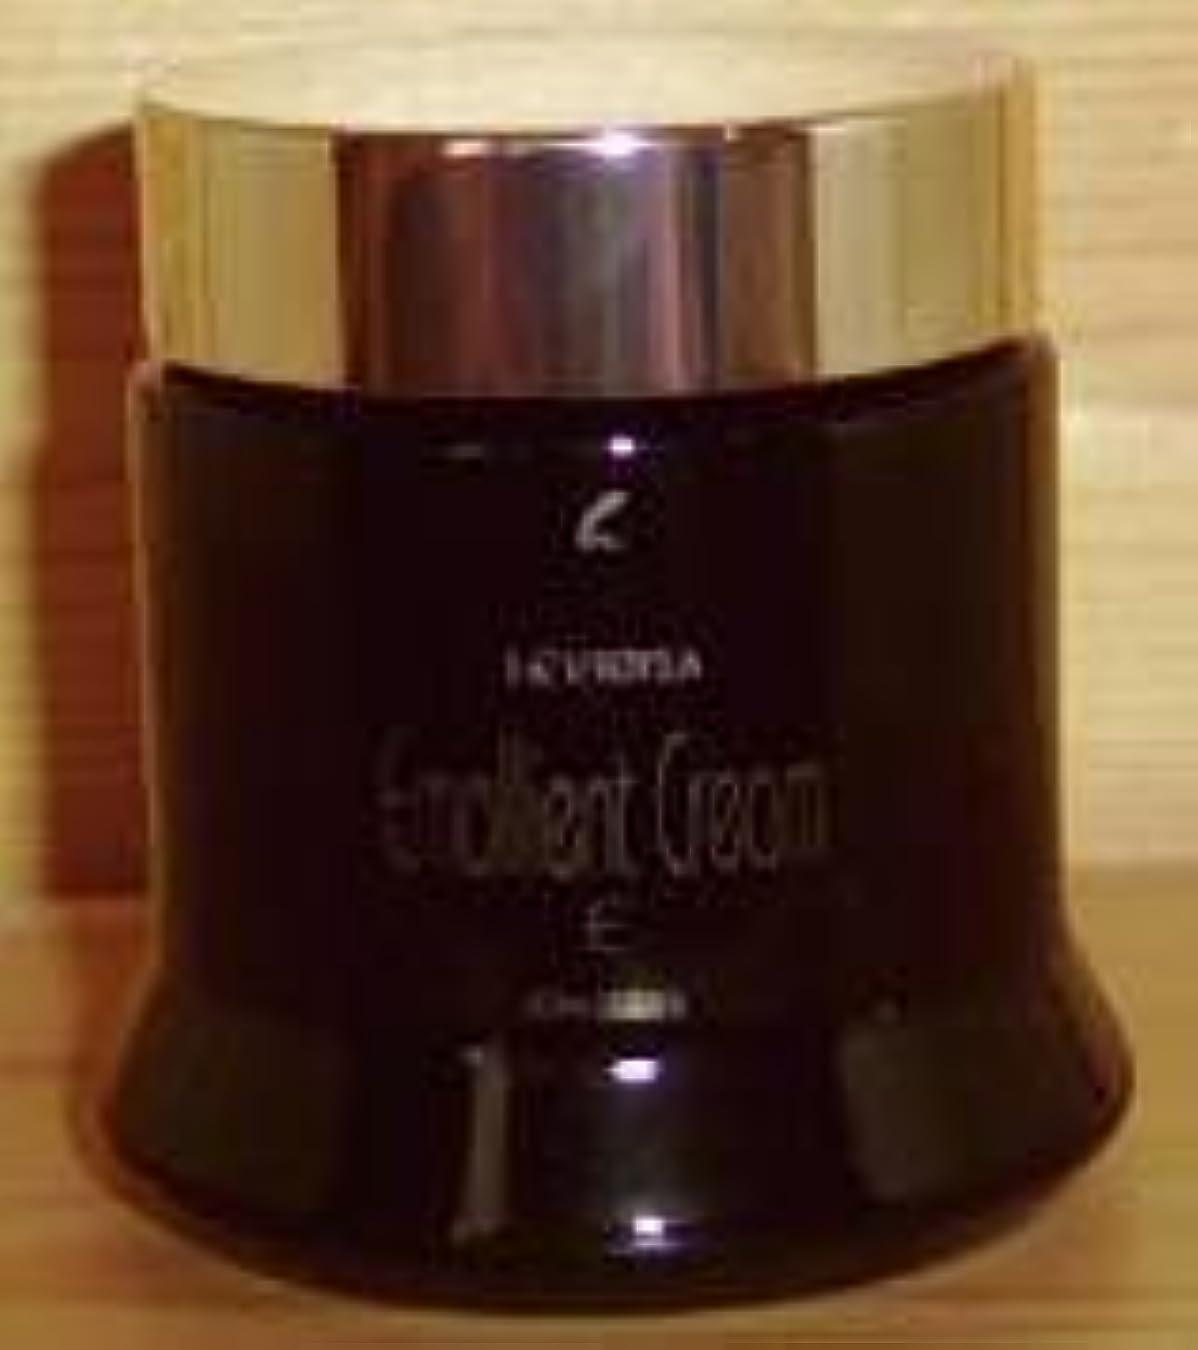 シェード魅惑的な純正レビオナ化粧品エモリエントクリームE 天然イオン配合